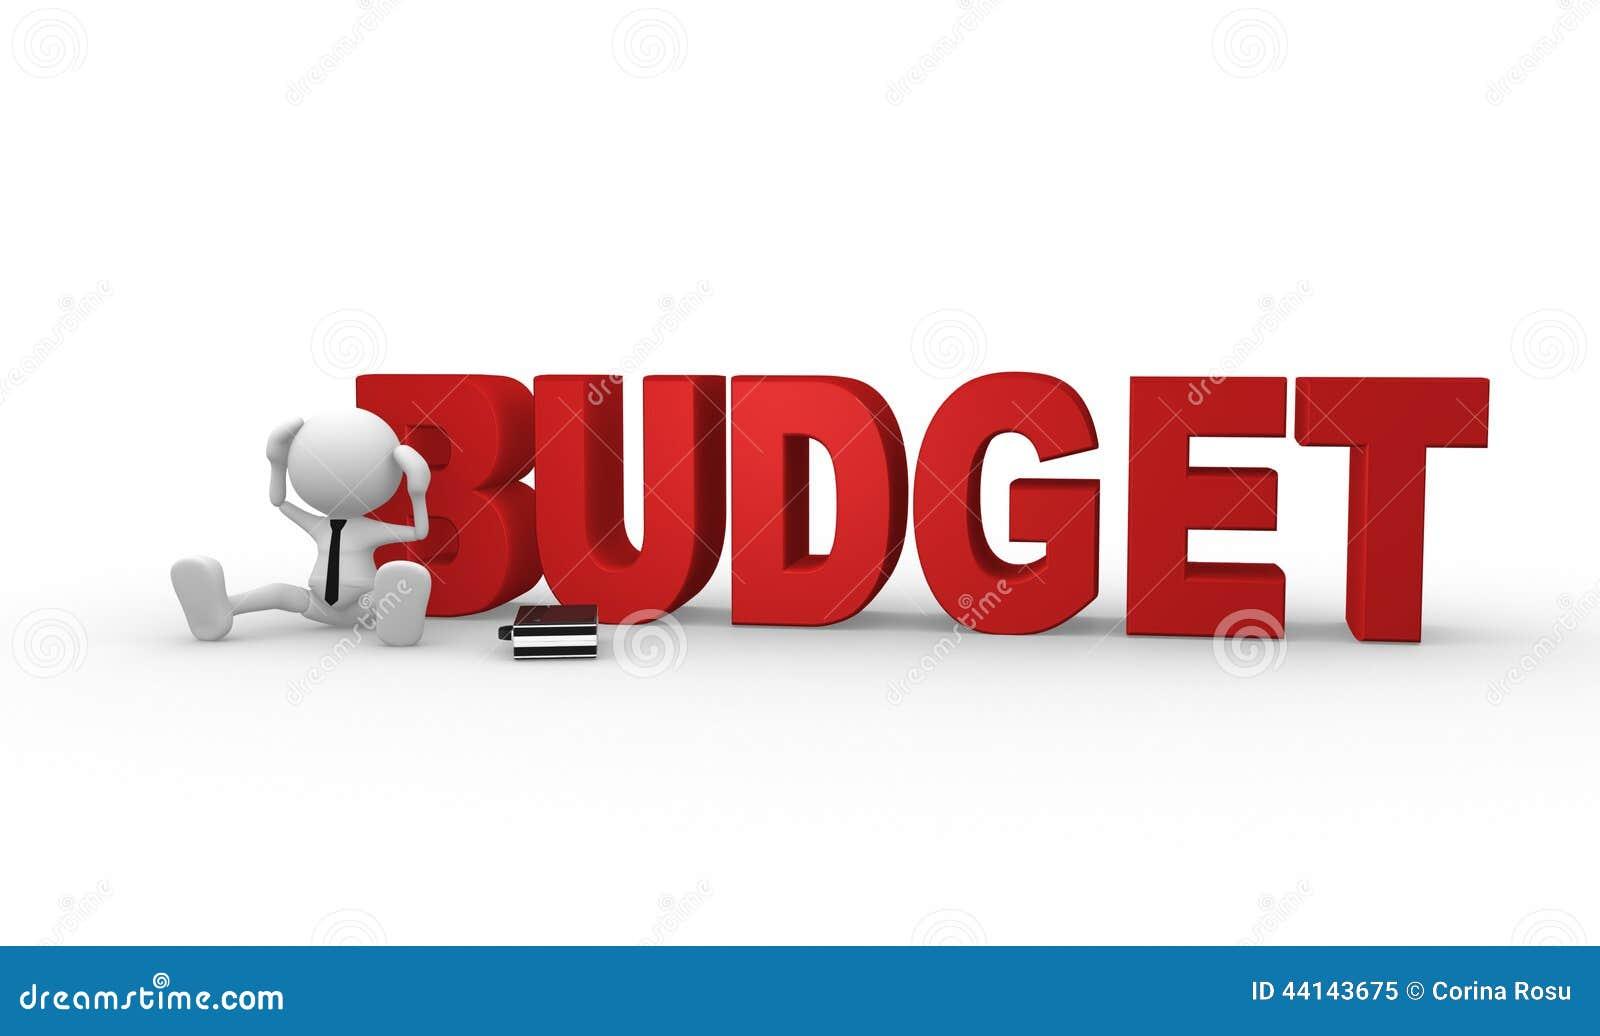 Budgeter